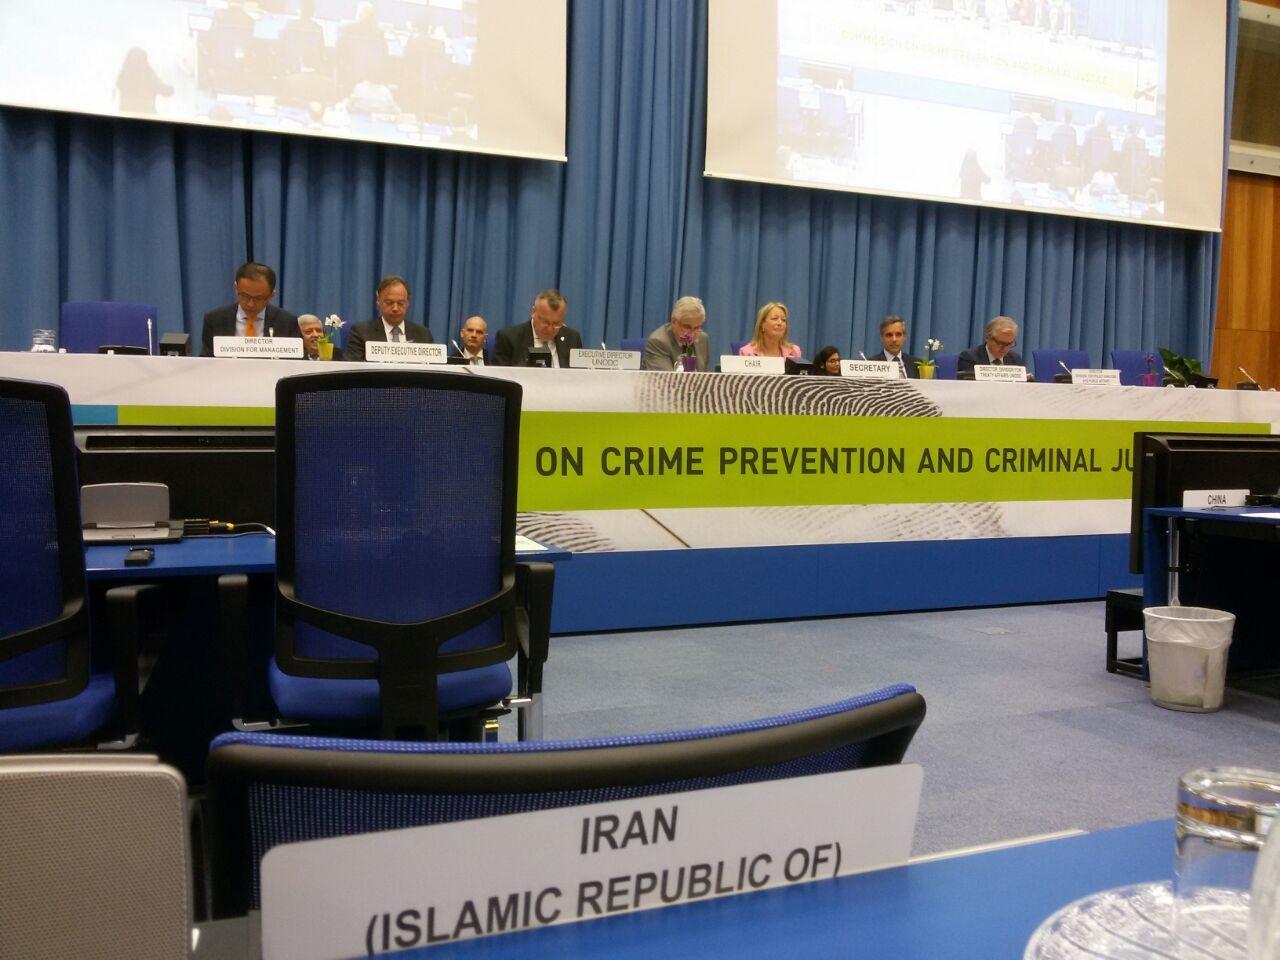 در نشست سالانه «کمیسیون جرم» سازمان ملل قرار است چه اتفاقی بیفتد؟